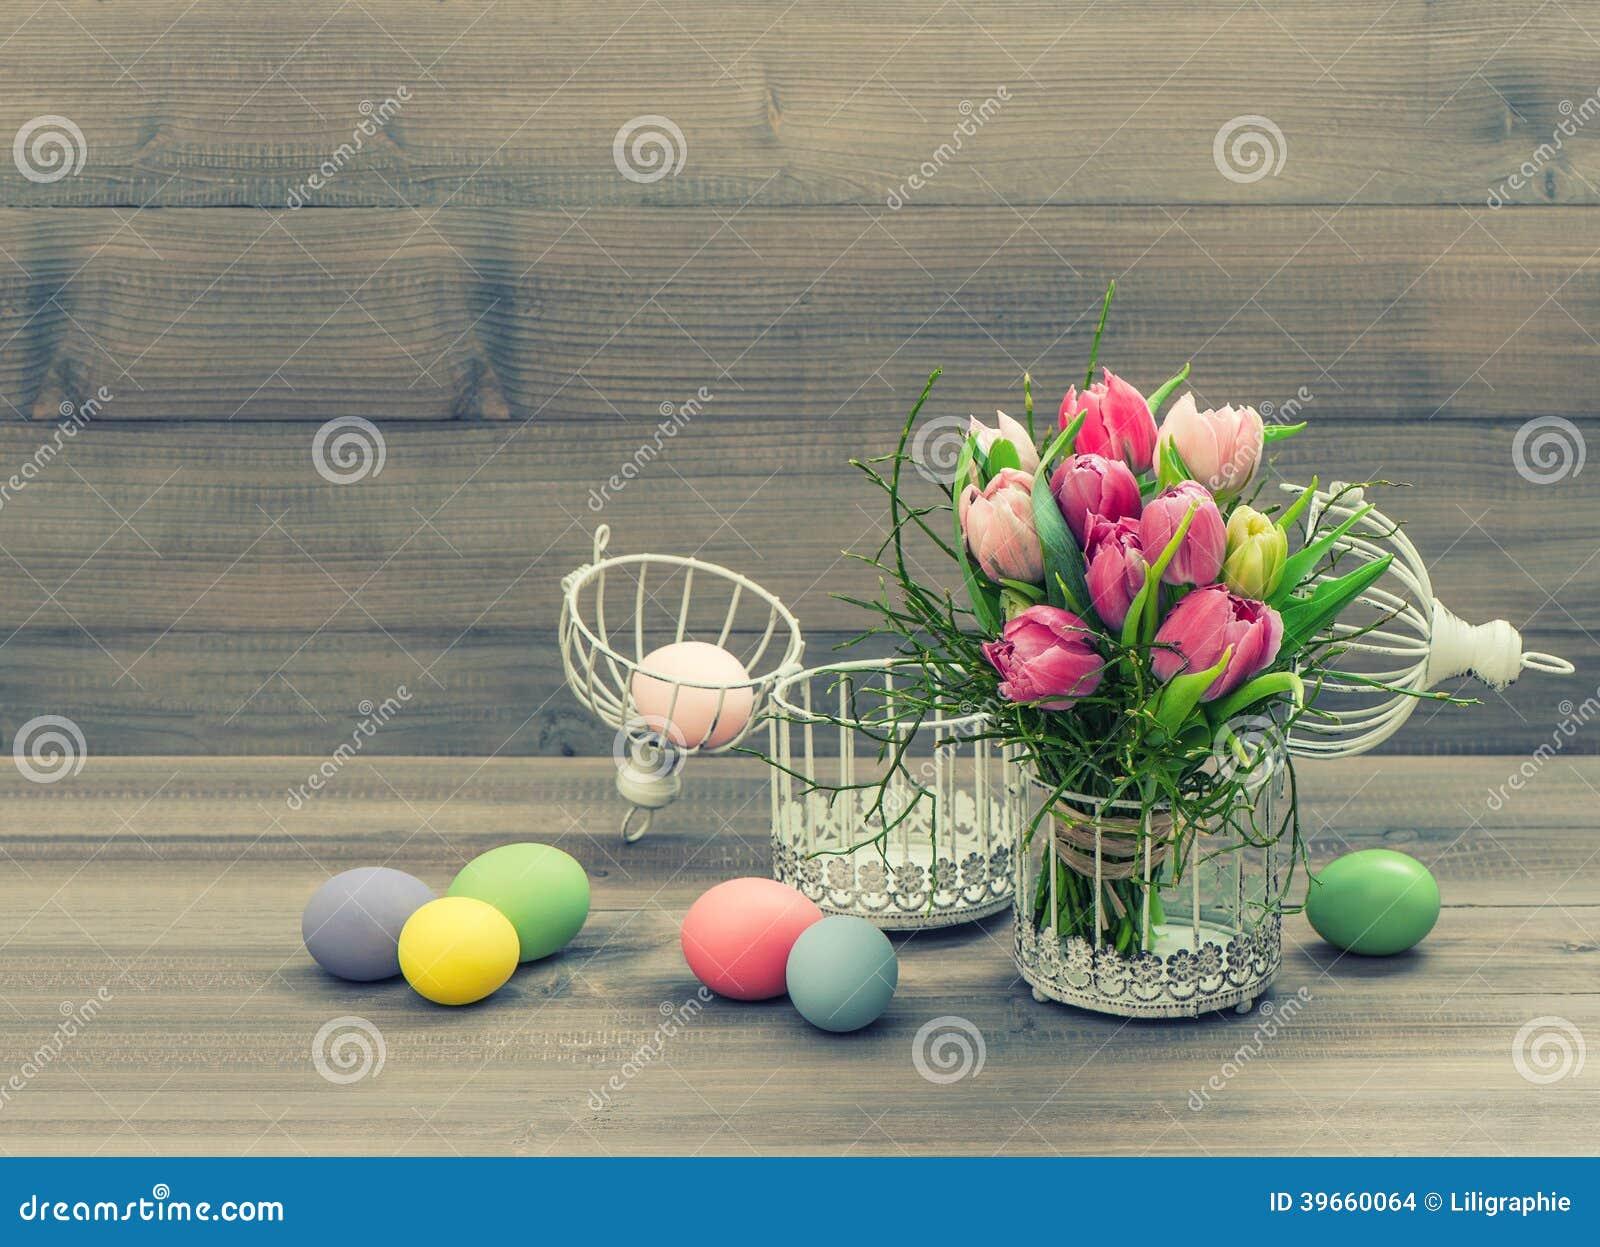 Fleurs de tulipe et oeufs de pâques roses. style de vintage